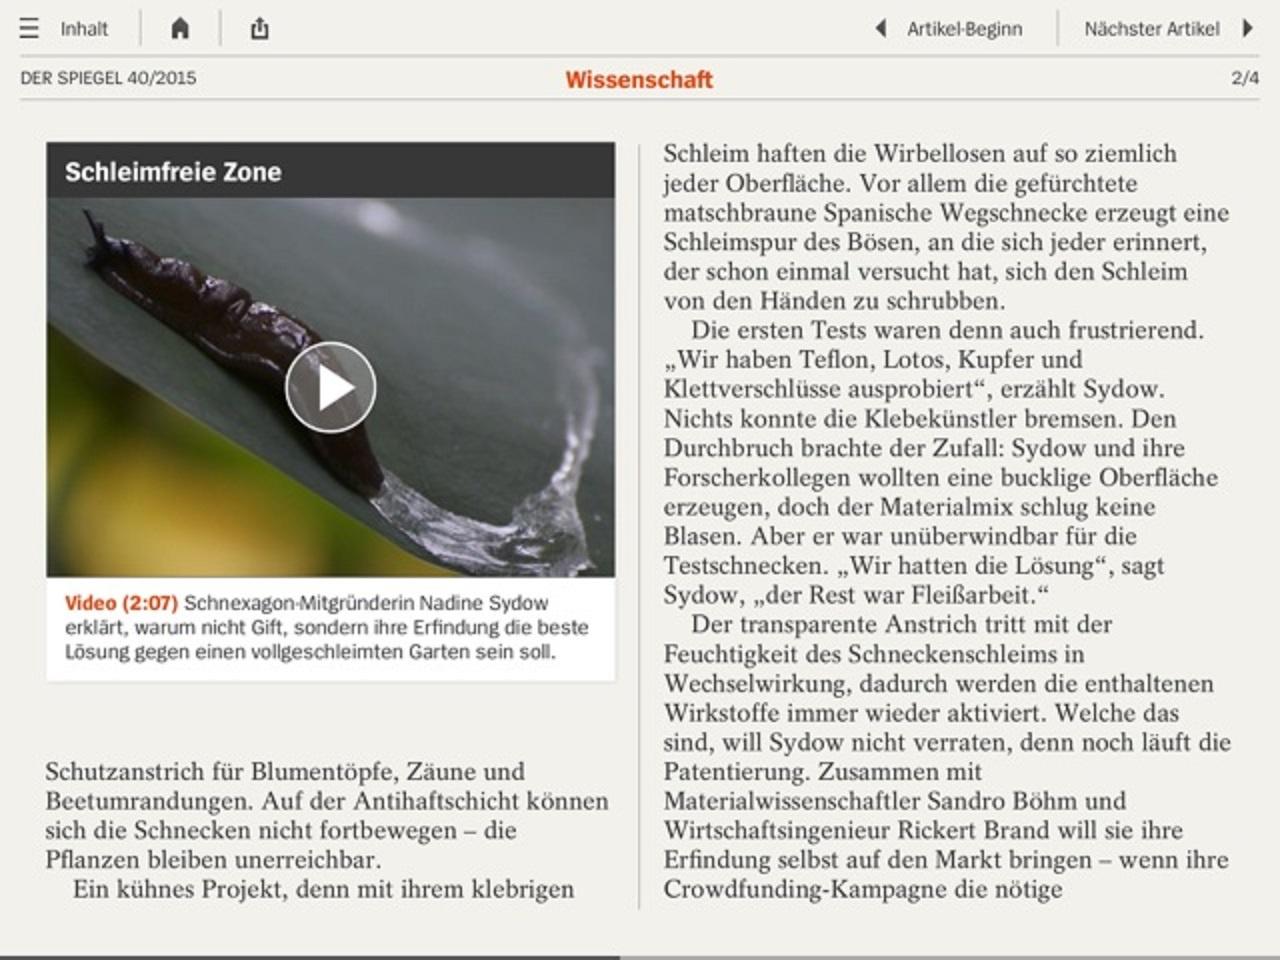 Spiegel_Teaser2.jpg